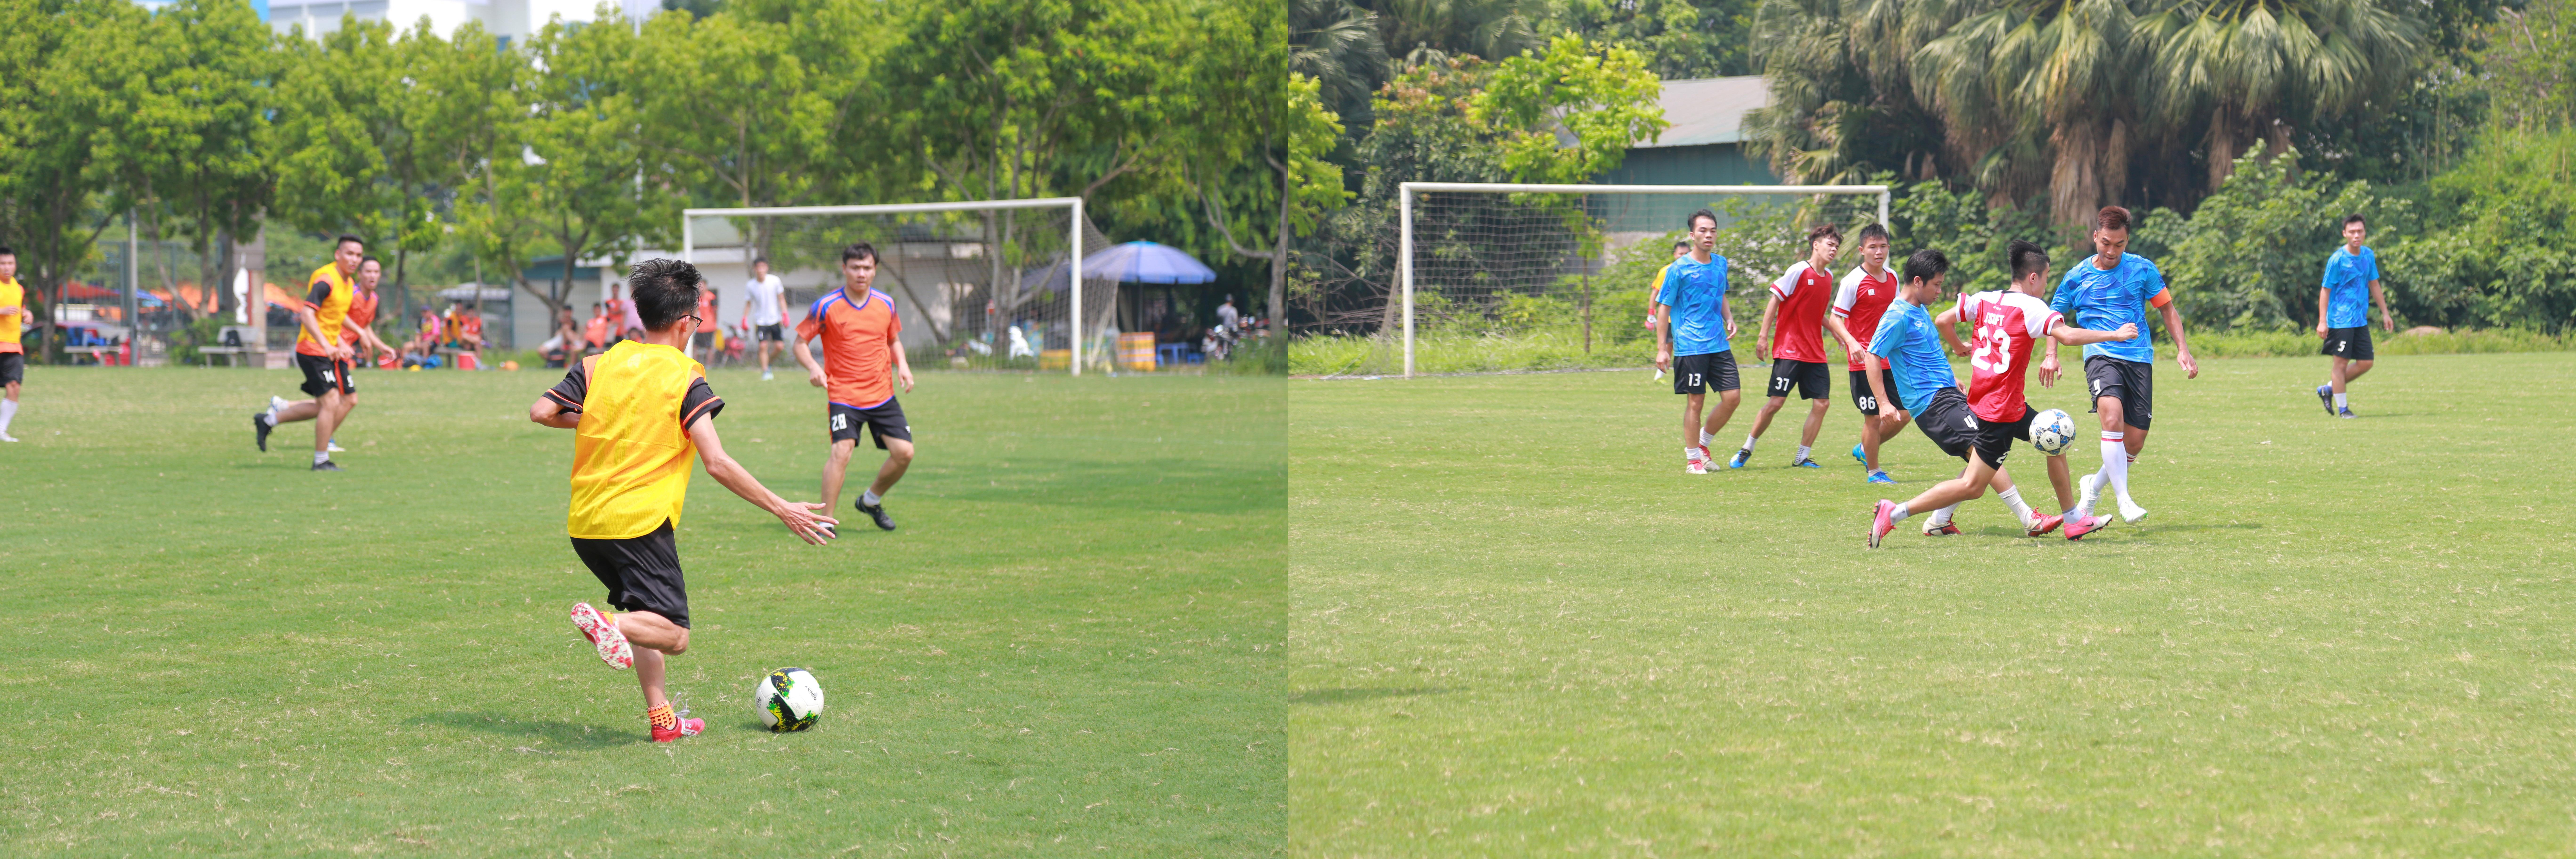 Trong loạt trận ngày khai mạc, FPT Education đã giành chiến thắng với tỷ số 2-0 trước FPT Telecom; FPT IS đã cầm hòa FPT Software với tỷ số 0-0. Như vậy, kết thúc vòng 1, giải bóng đá FPT Cup 2019, nhà Giáo dục tạm dẫn đầu với 3 điểm trọn vẹn. Tiếp theo là FPT IS và FPT Software với 1 điểm ghi được cho mỗi đội. FPT Telecom đang có 0 điểm. Và TP Bank chưa đá trận nào (0 điểm).